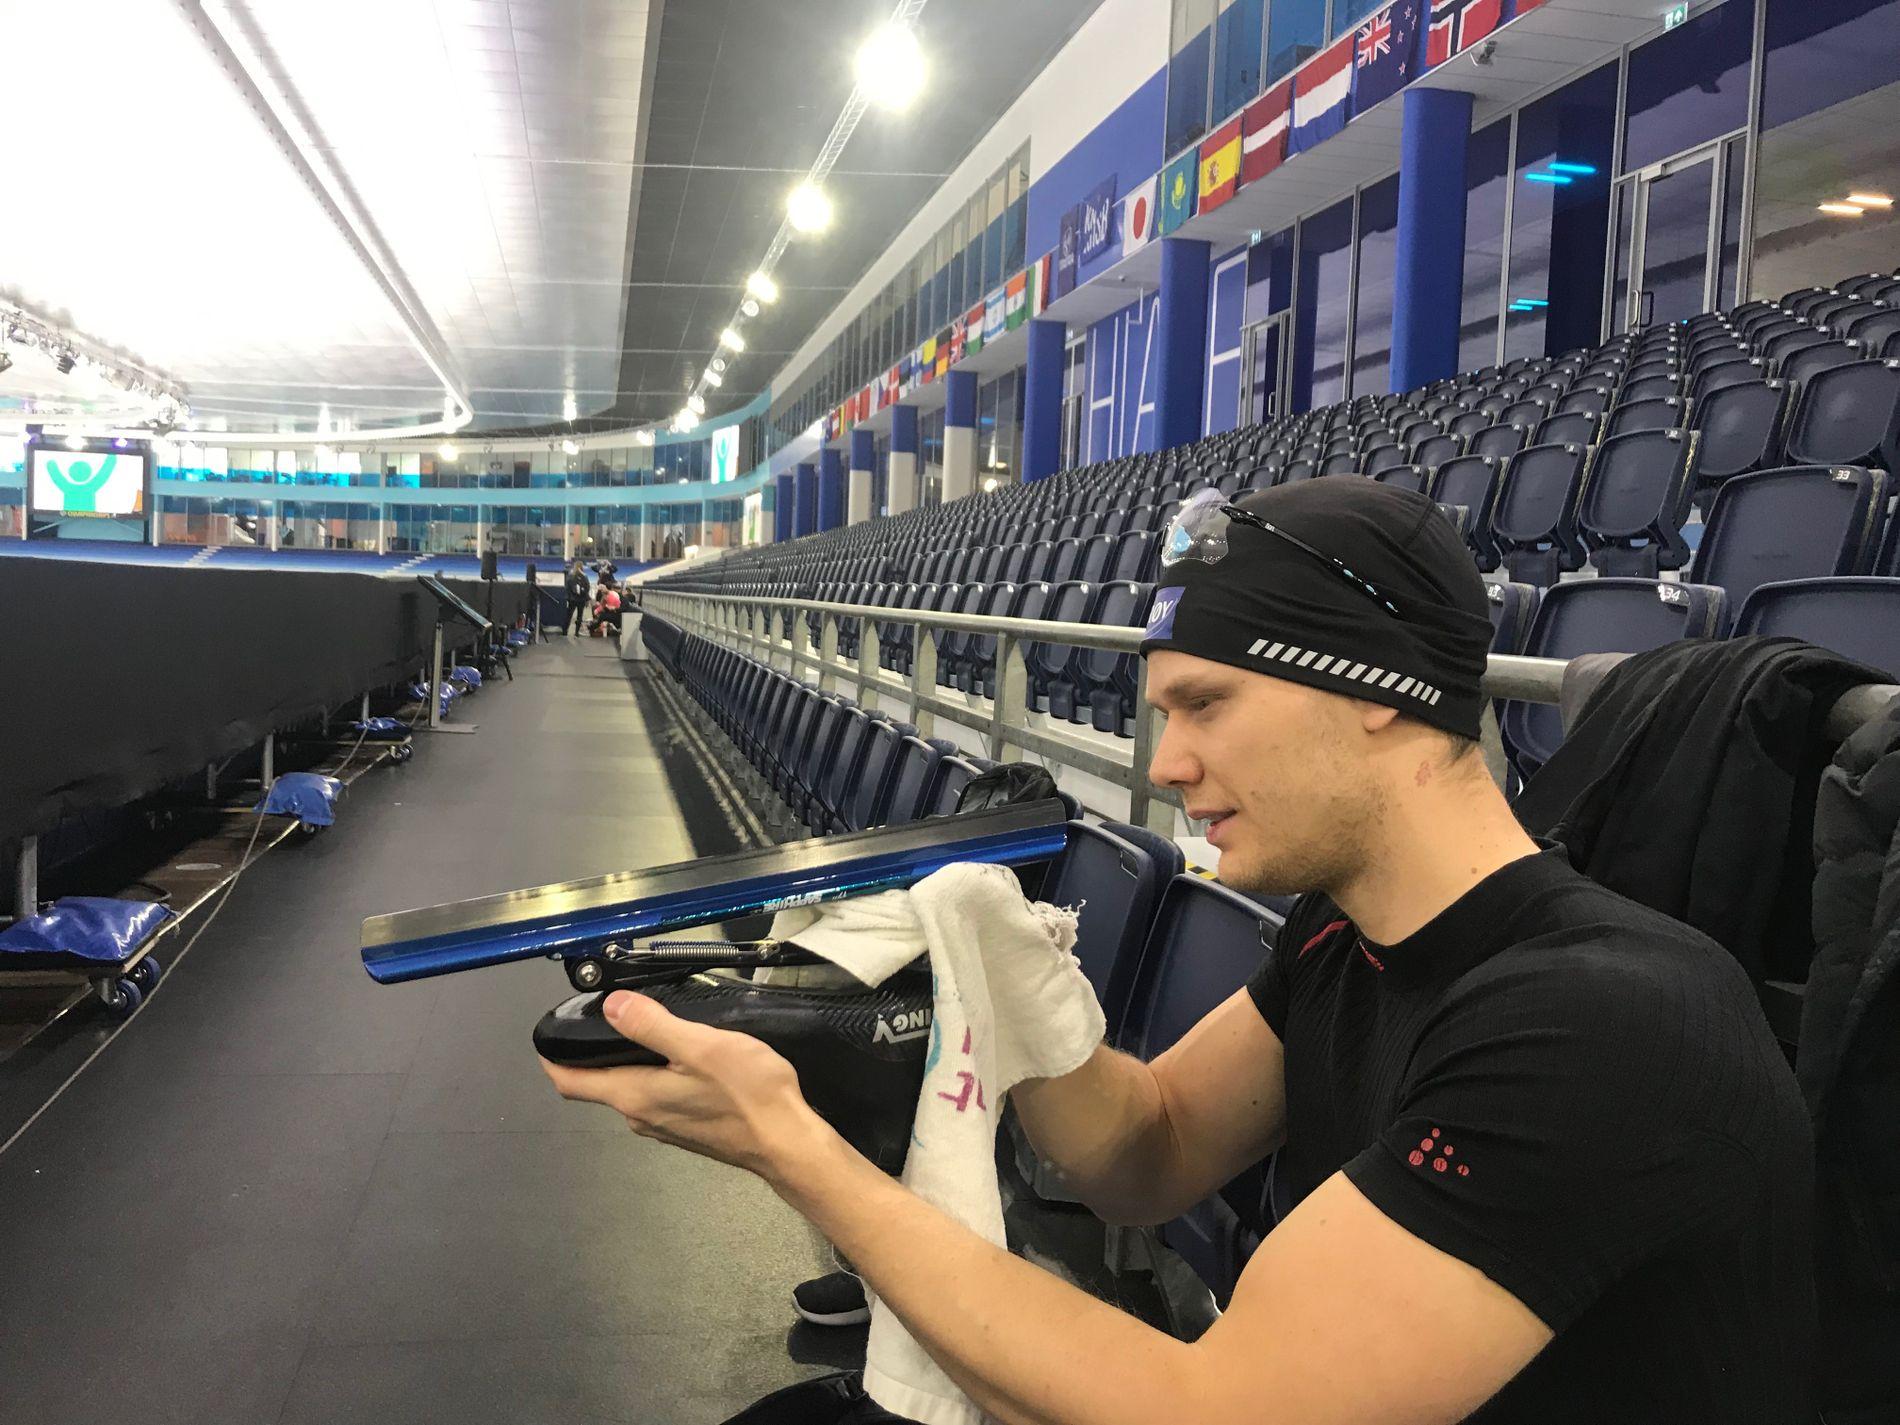 SISTE SJEKK: Håvard Lorentzen tar en siste sjekk av utstyret lørdag formiddag i Thialf i Heerenveen. Den første 500-meteren i sprint-VM starter klokken 15.40, med Norges regjerende verdensmester i 11. par.